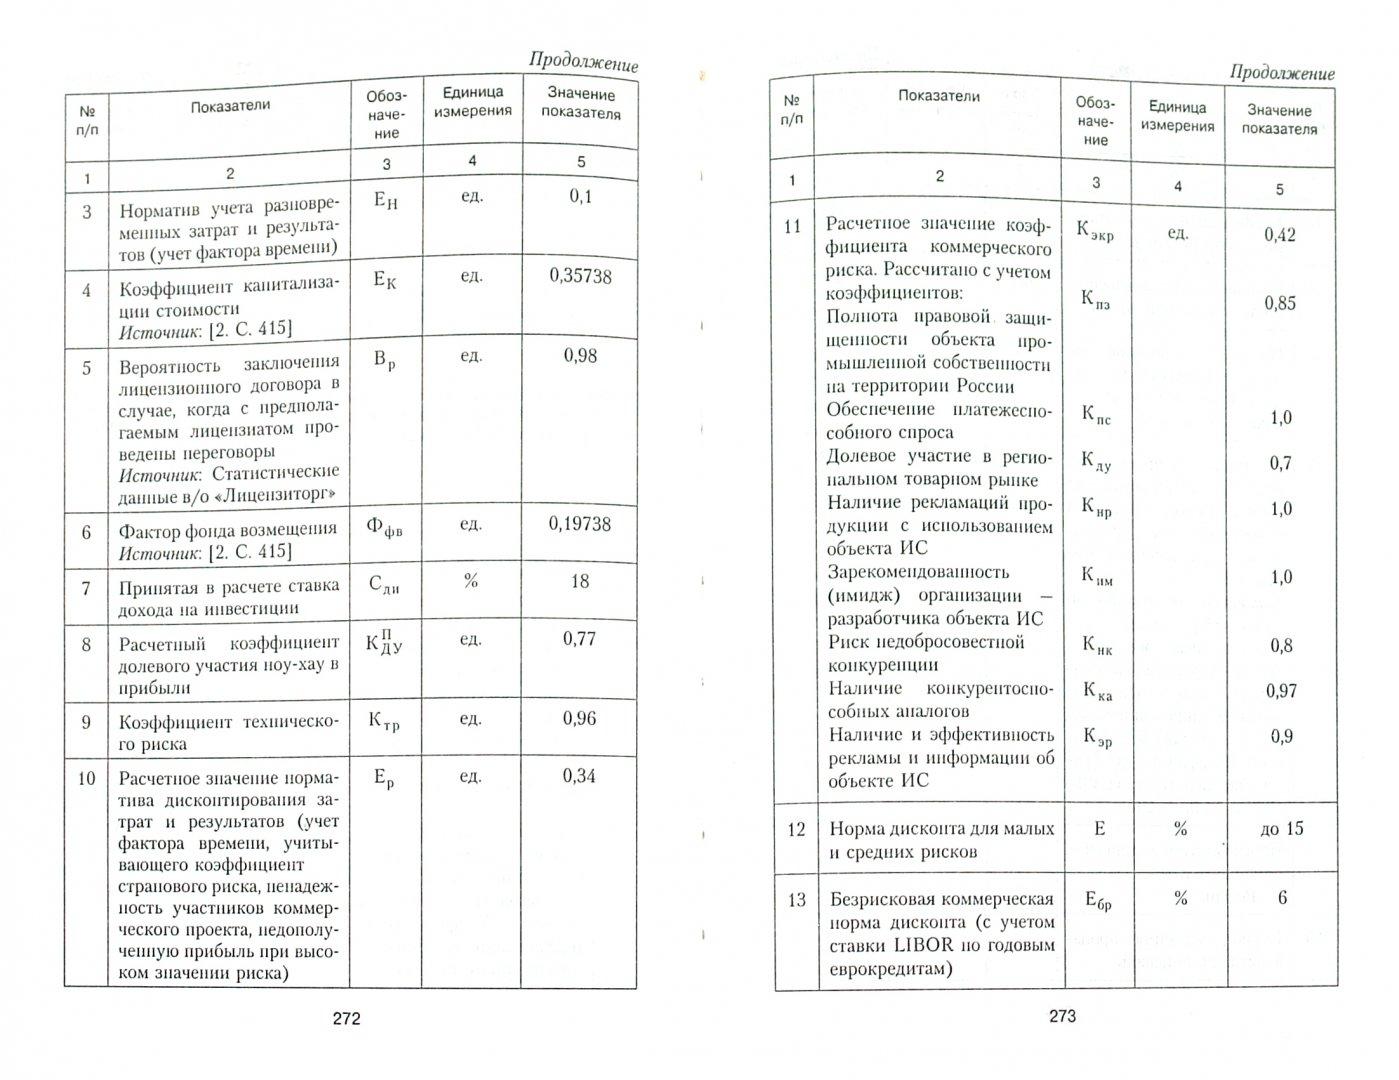 Иллюстрация 1 из 8 для Экономика интеллектуальной собственности - Конов, Гончаренко | Лабиринт - книги. Источник: Лабиринт